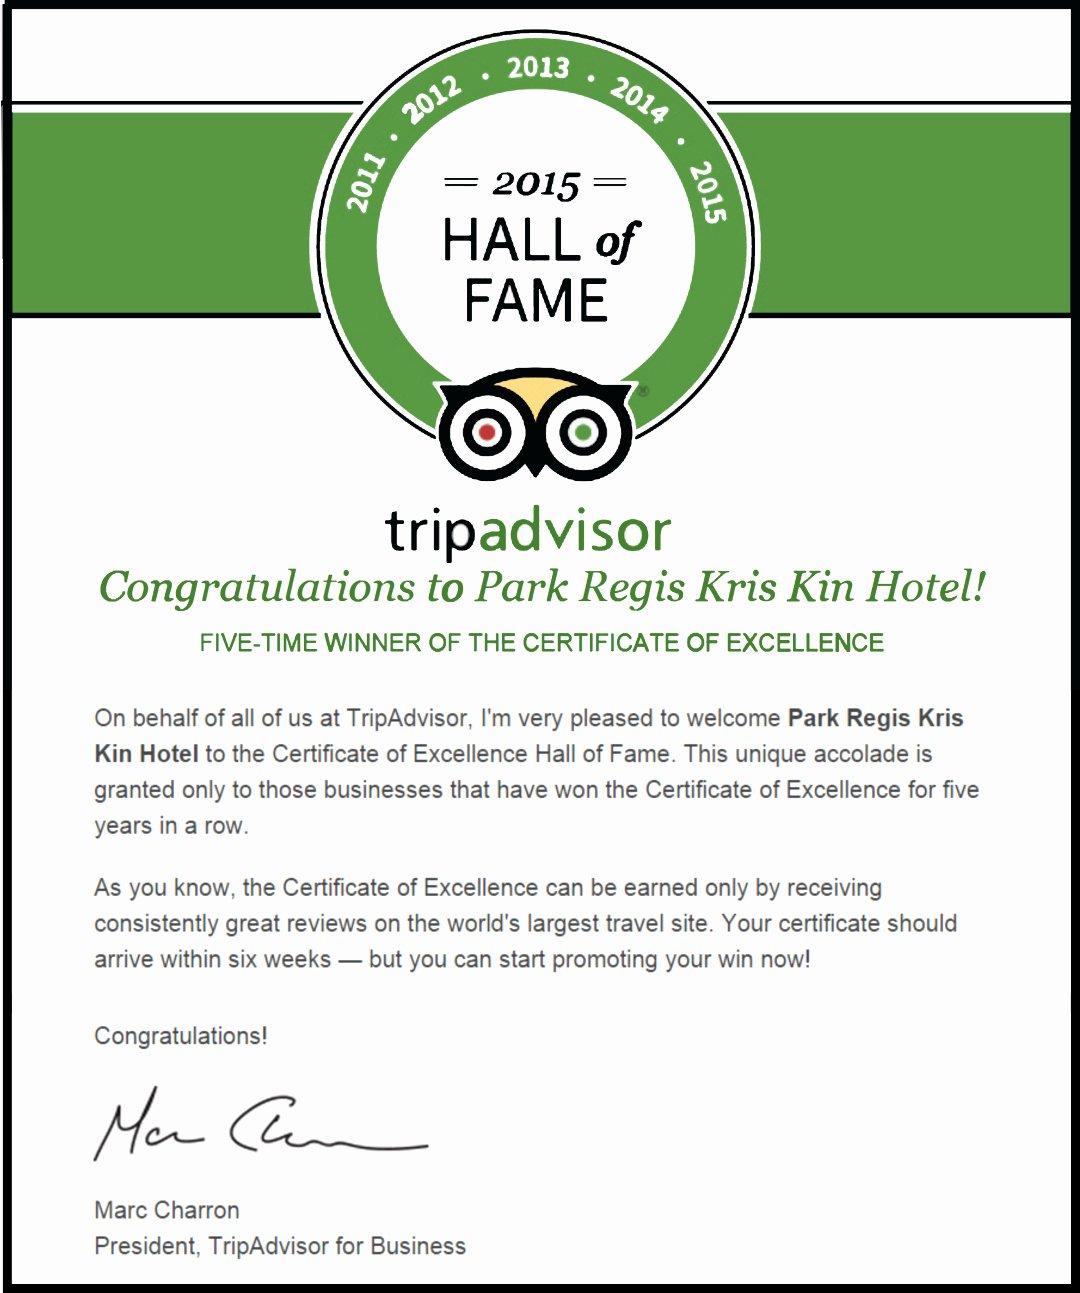 Hall Of Fame Certificate Elegant Hall Fame Certification for the Park Regis Kris Kin